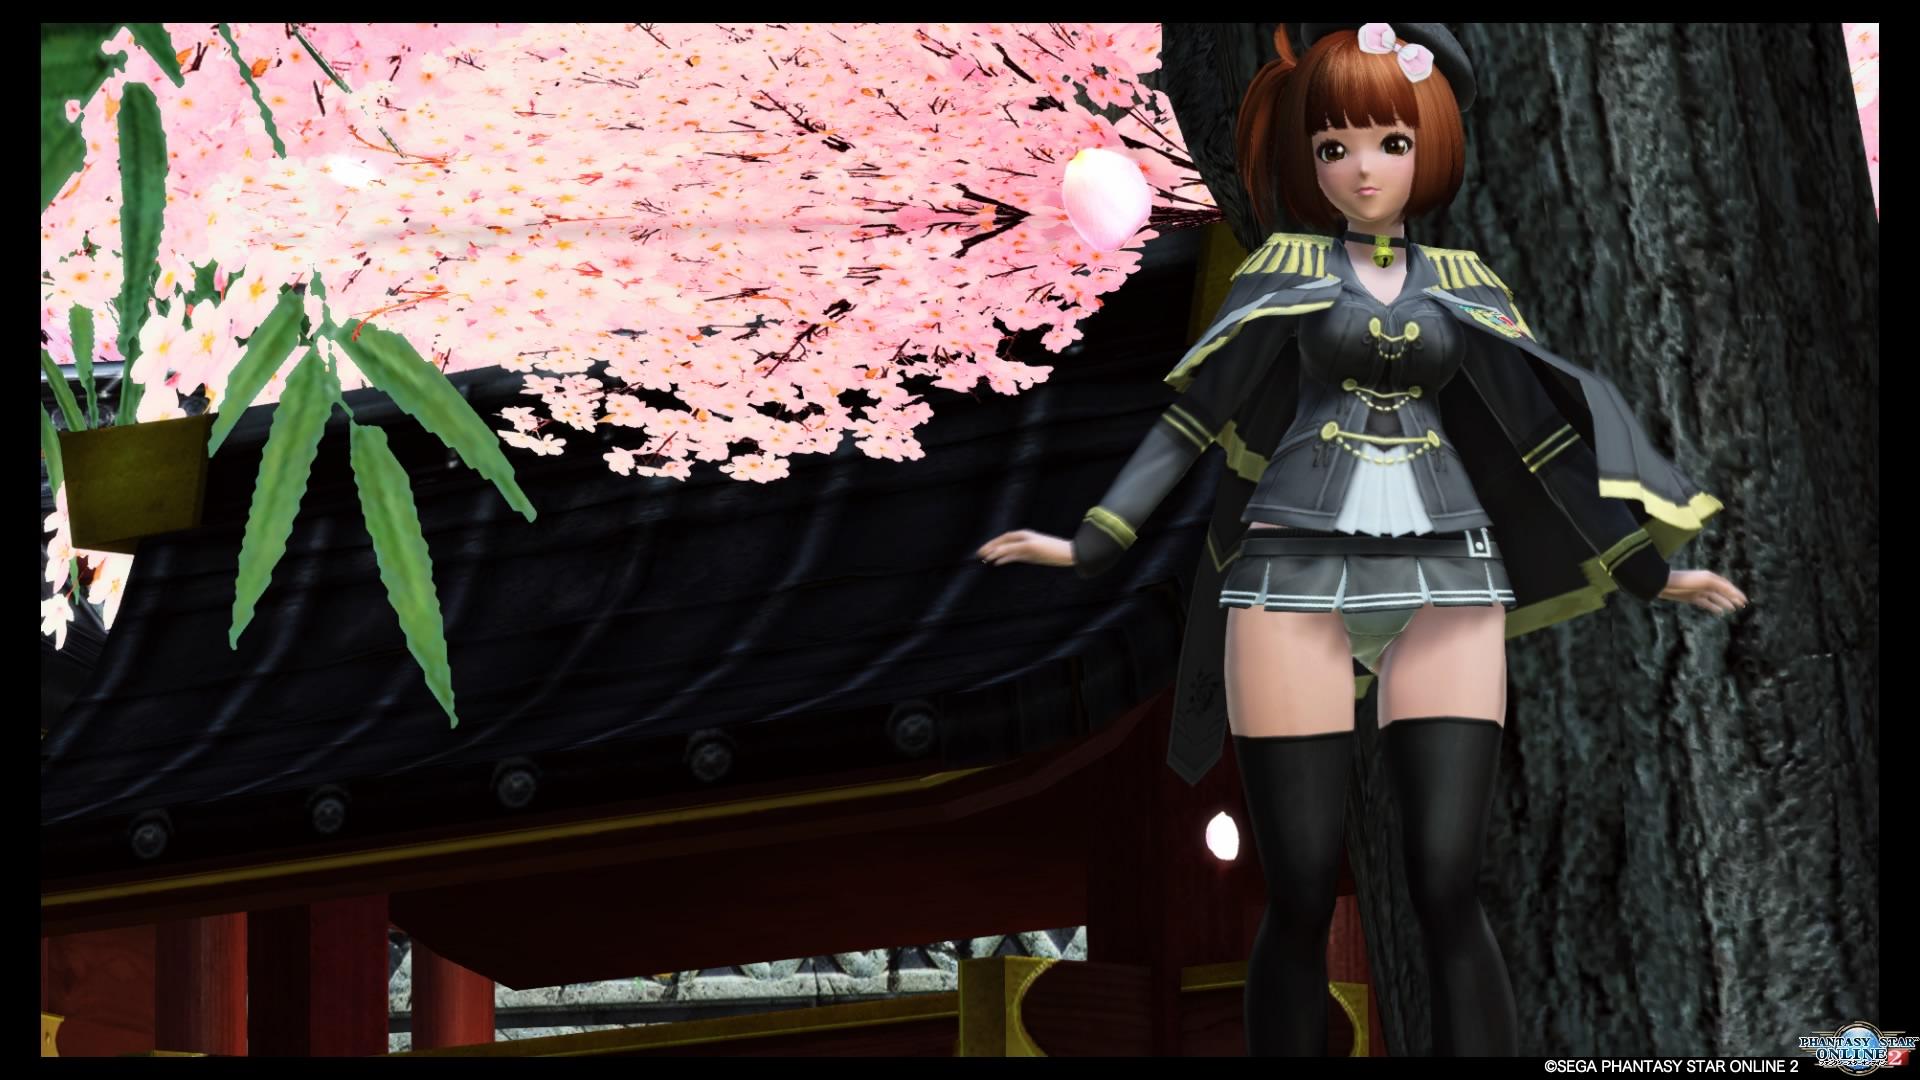 【PSO2】エロイSS総合スレ その140 ->画像>236枚